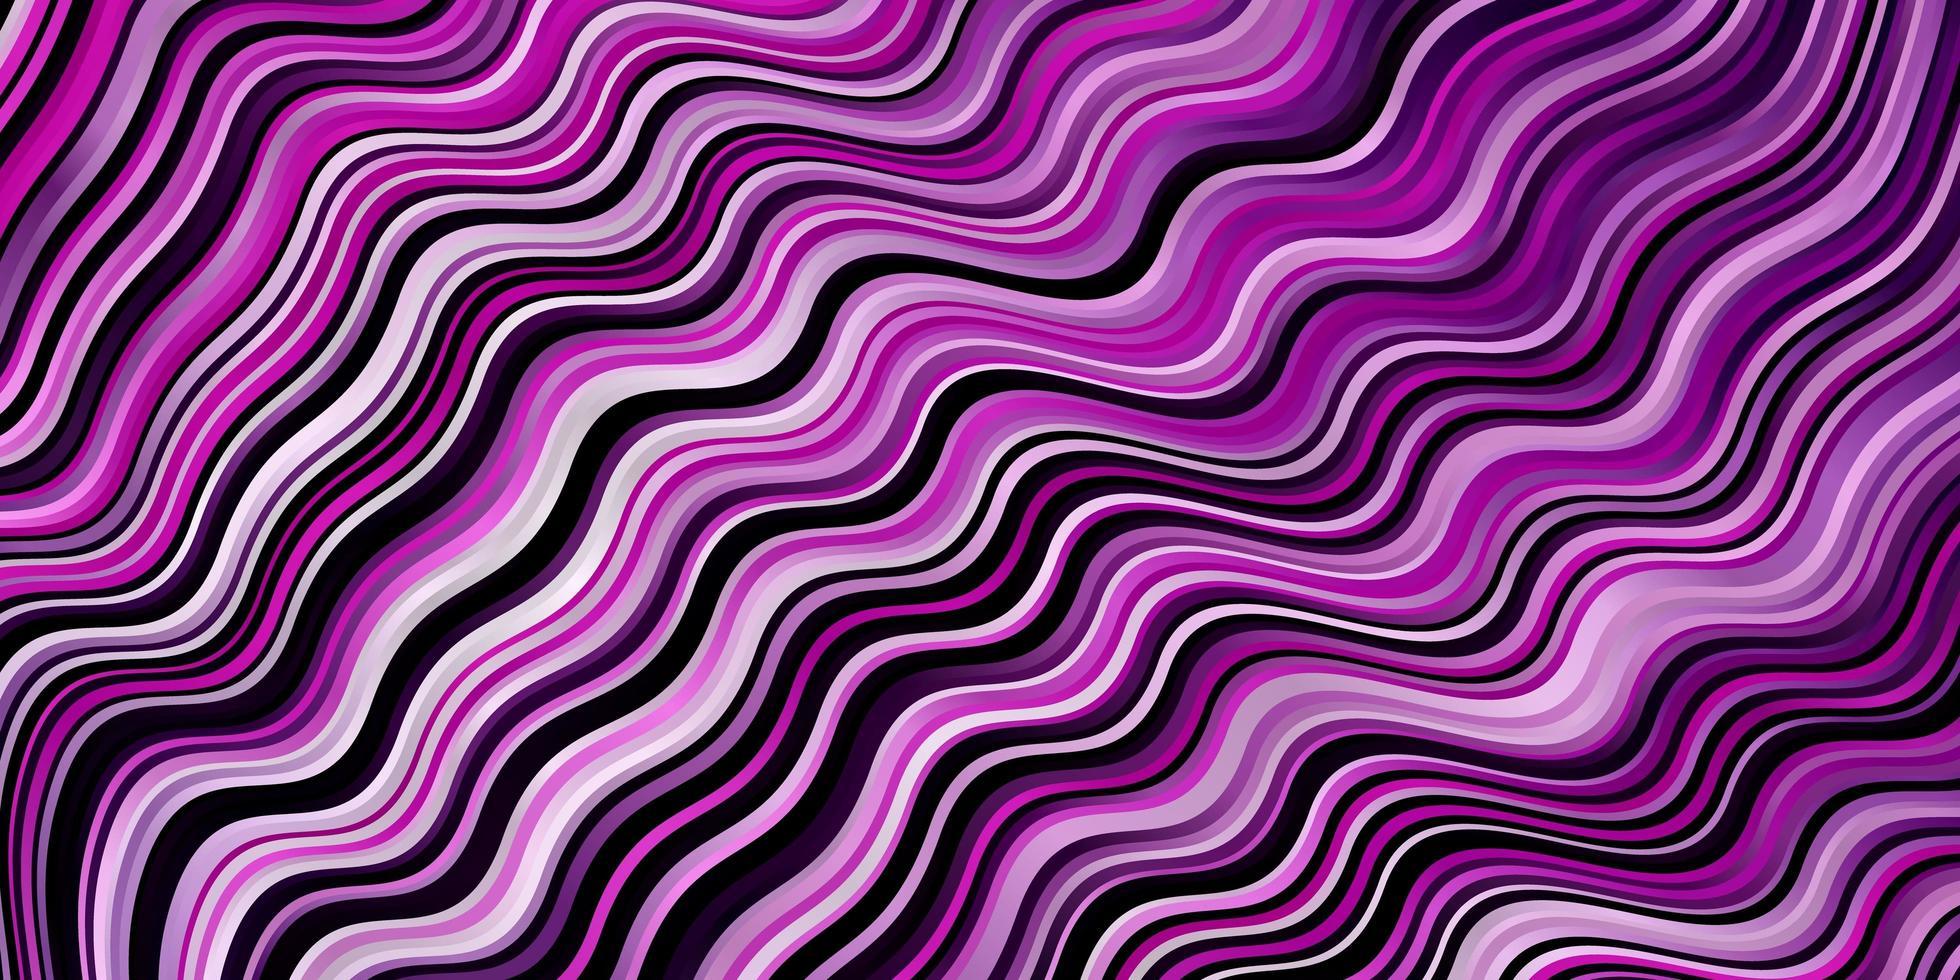 lichtpaarse vector sjabloon met lijnen.